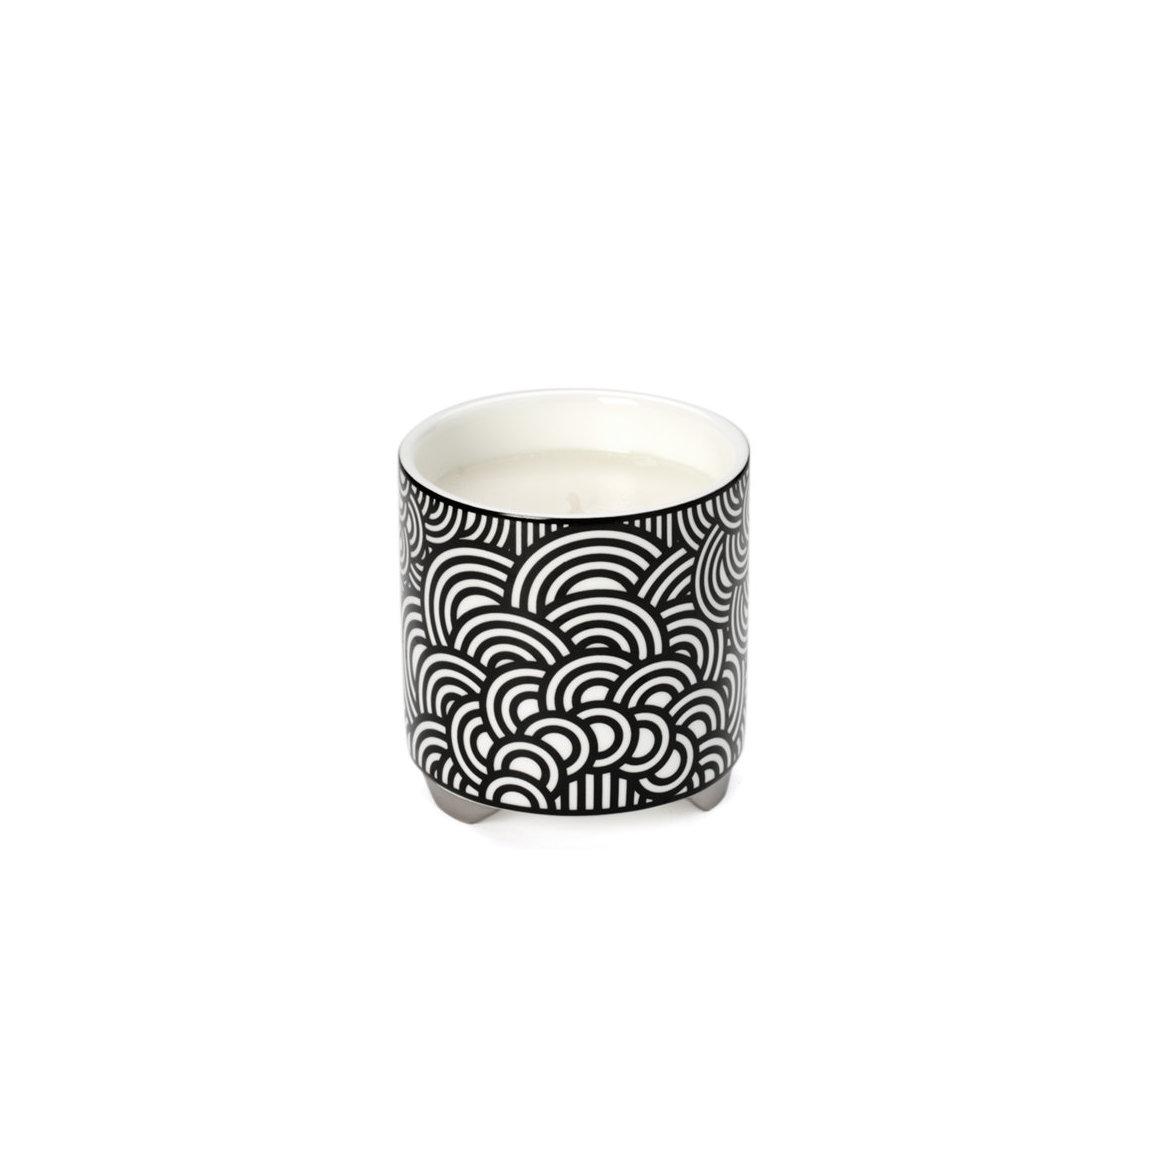 Takahashi Hiroko Go Candle product swatch.